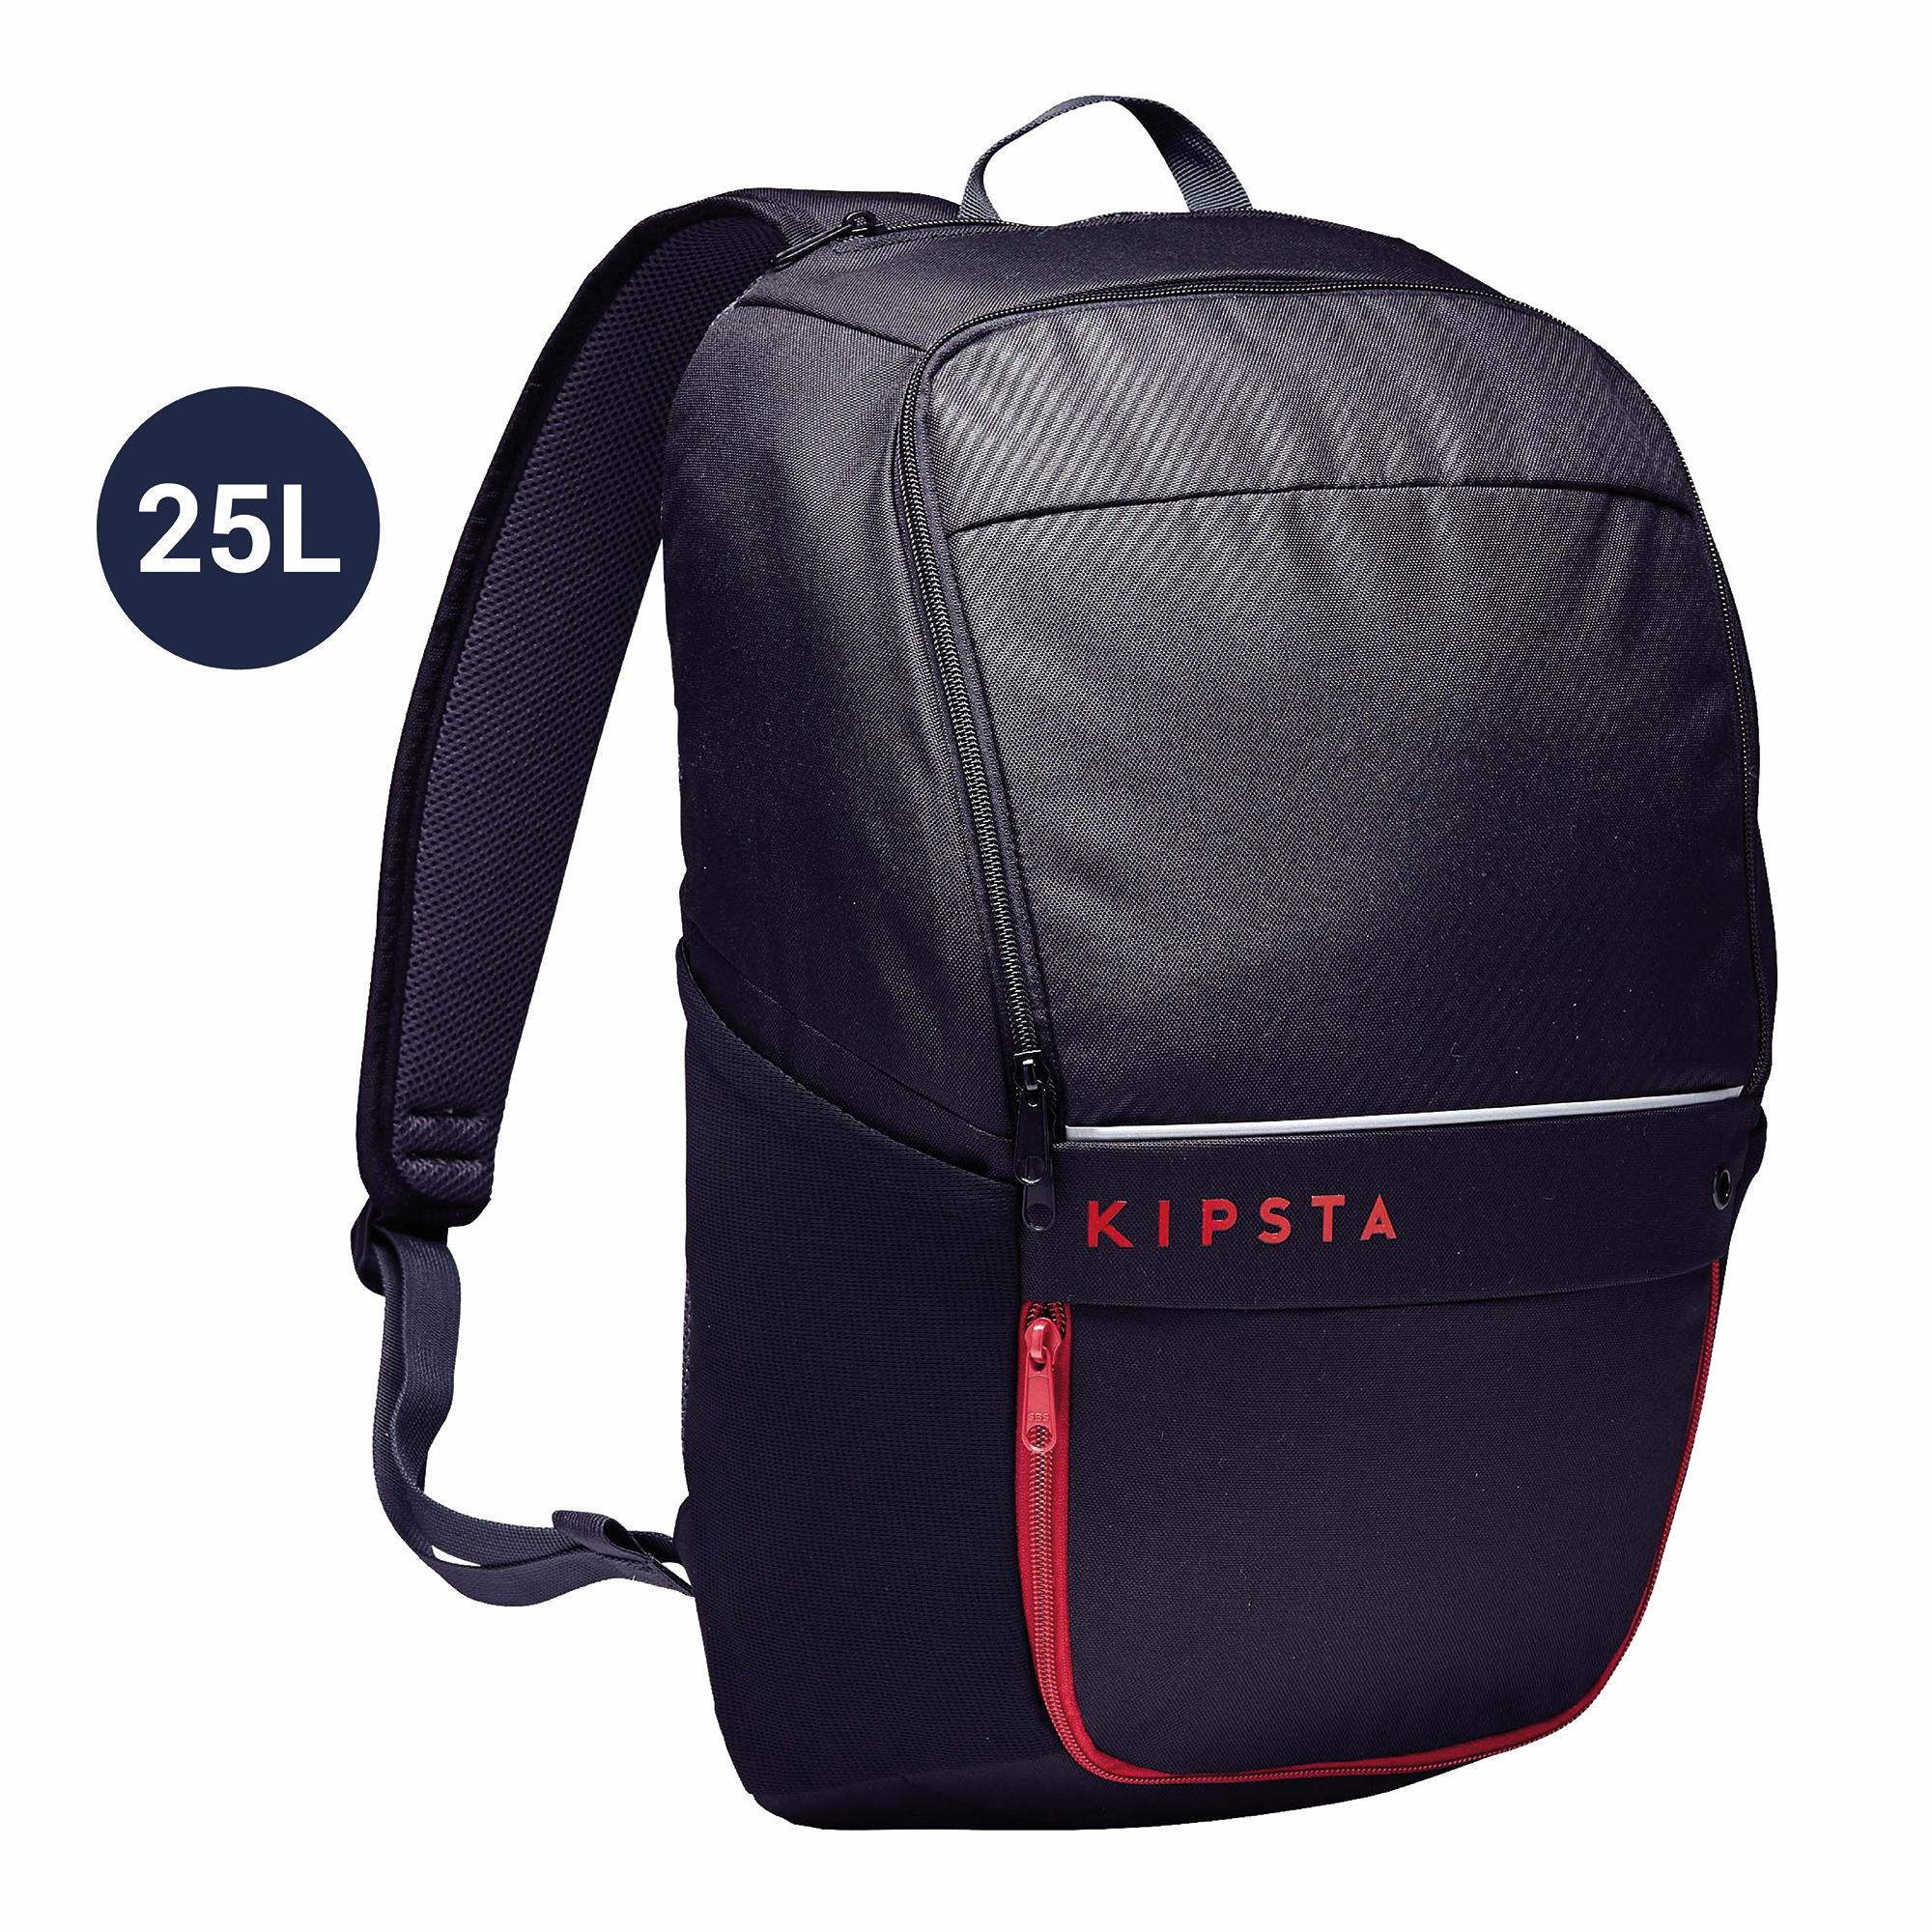 pasatiempo solo encerrar  mochila adidas decathlon - Tienda Online de Zapatos, Ropa y Complementos de  marca